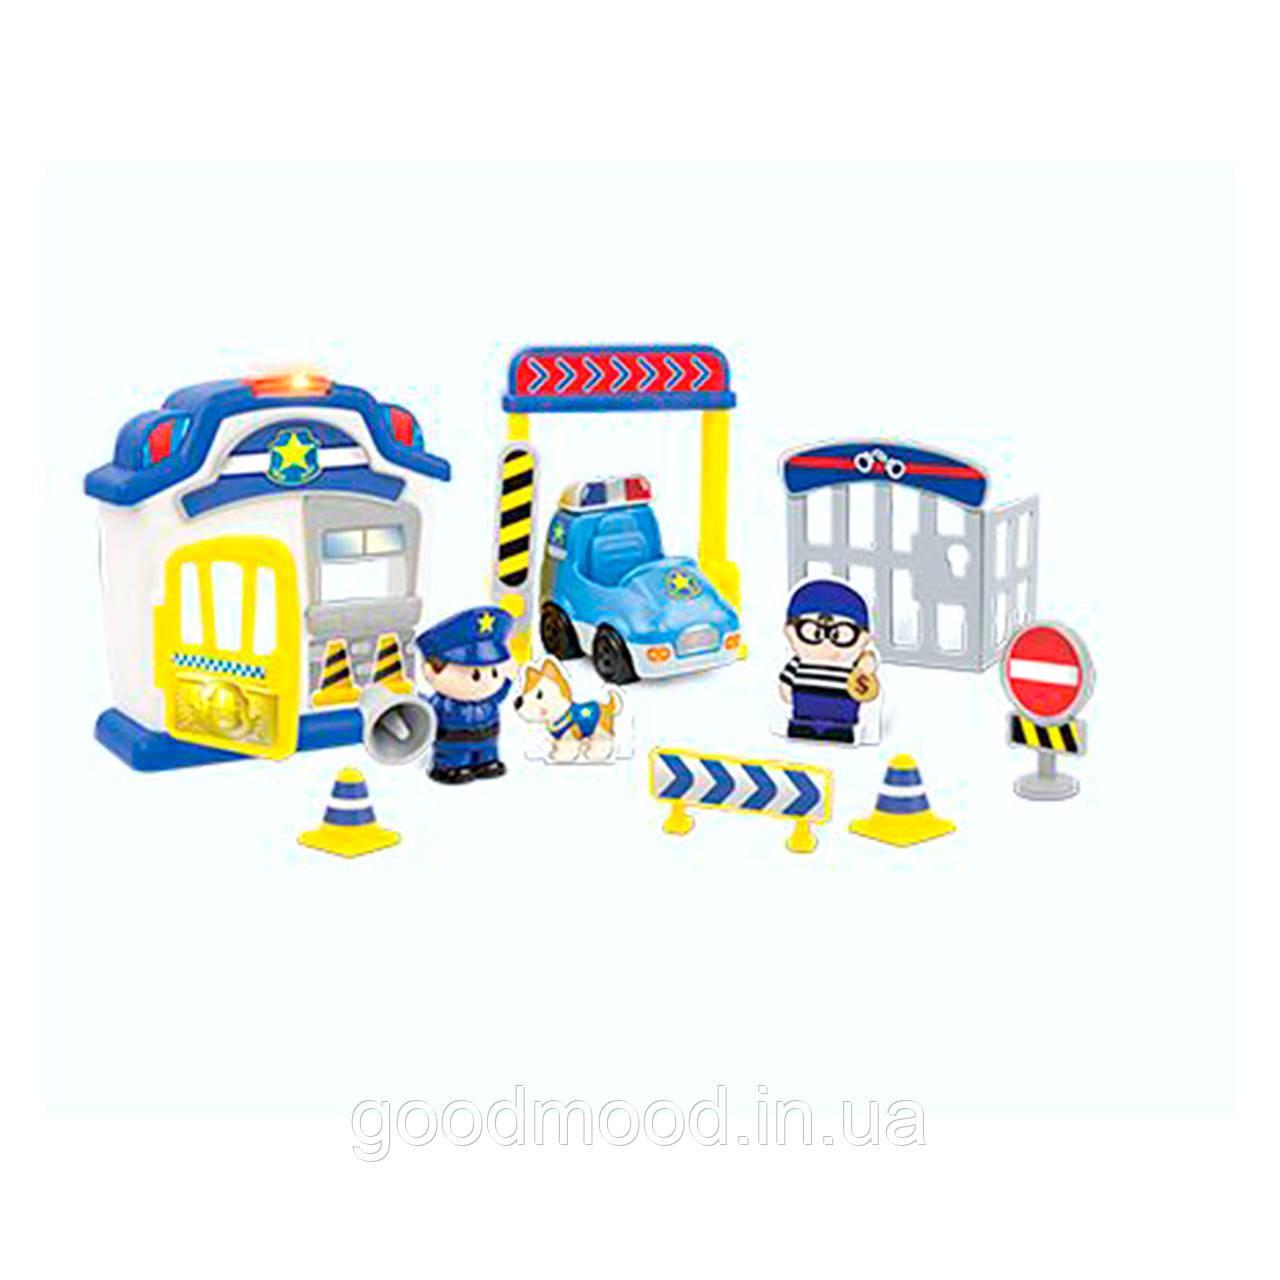 Набір ігровий 1306-NL поліція, машина, фігурка, дор.знаки, муз., світло, бат., кор., 44-25-8 см.